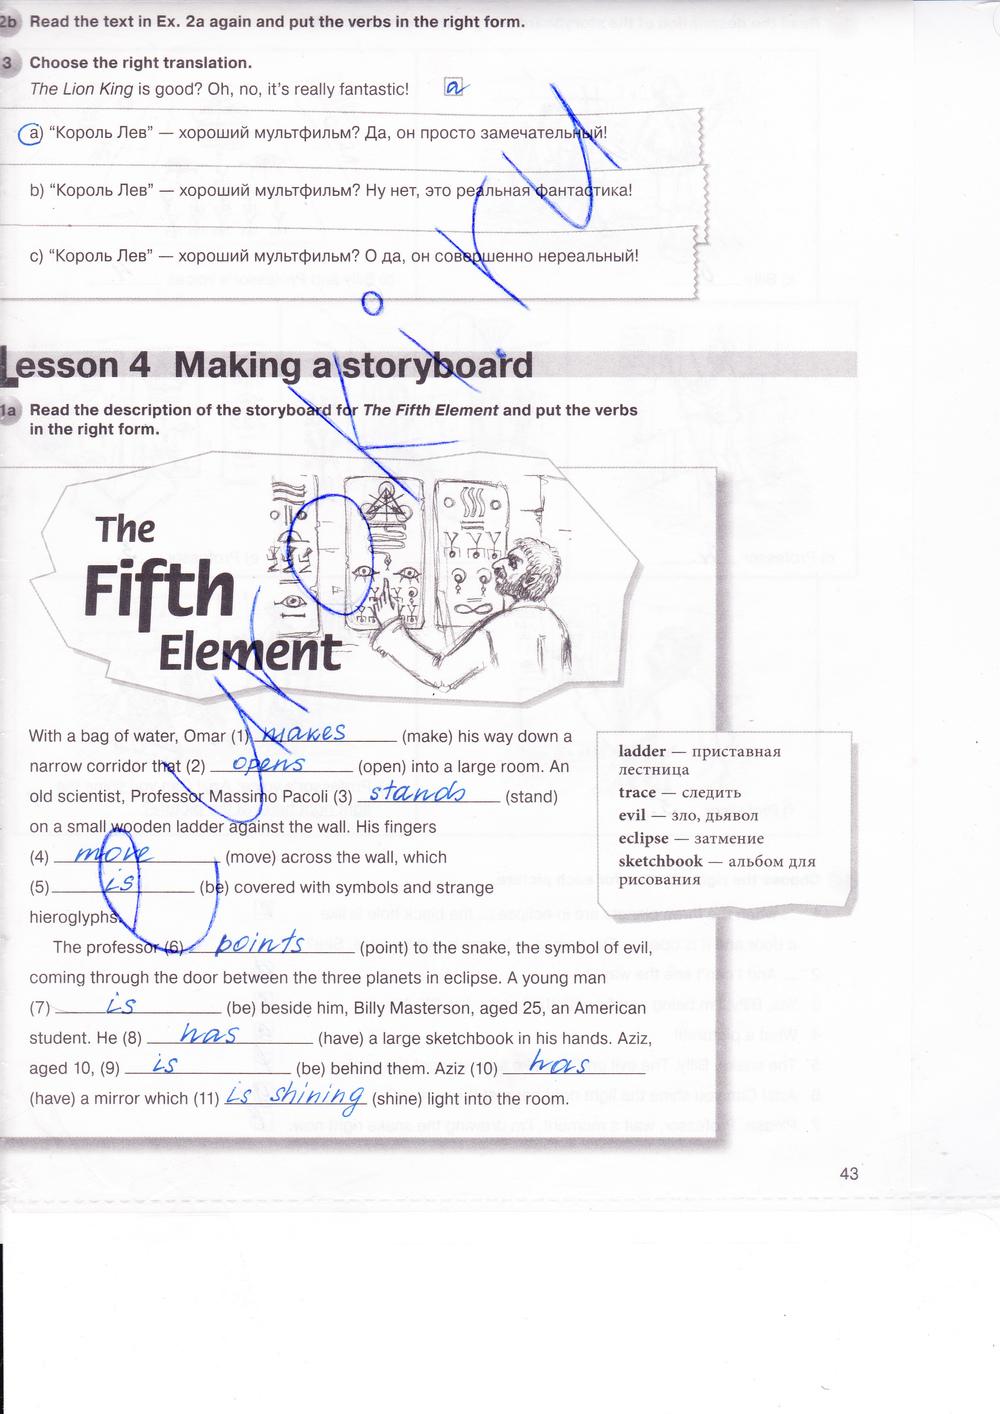 гдз по английскому языку 7 класс н.н.деревянко рабочая тетрадь